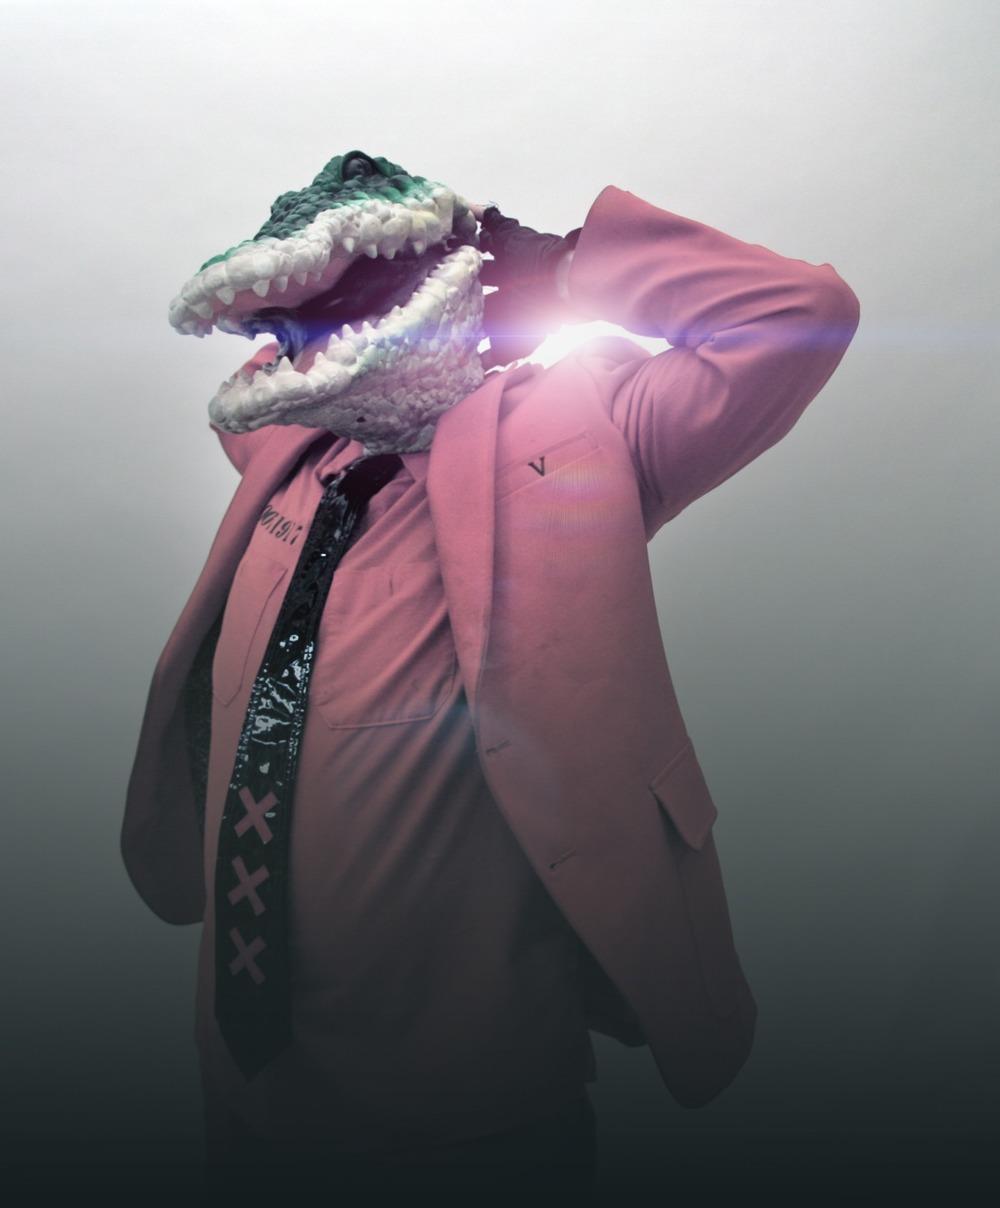 Alligator Jesus, 2010